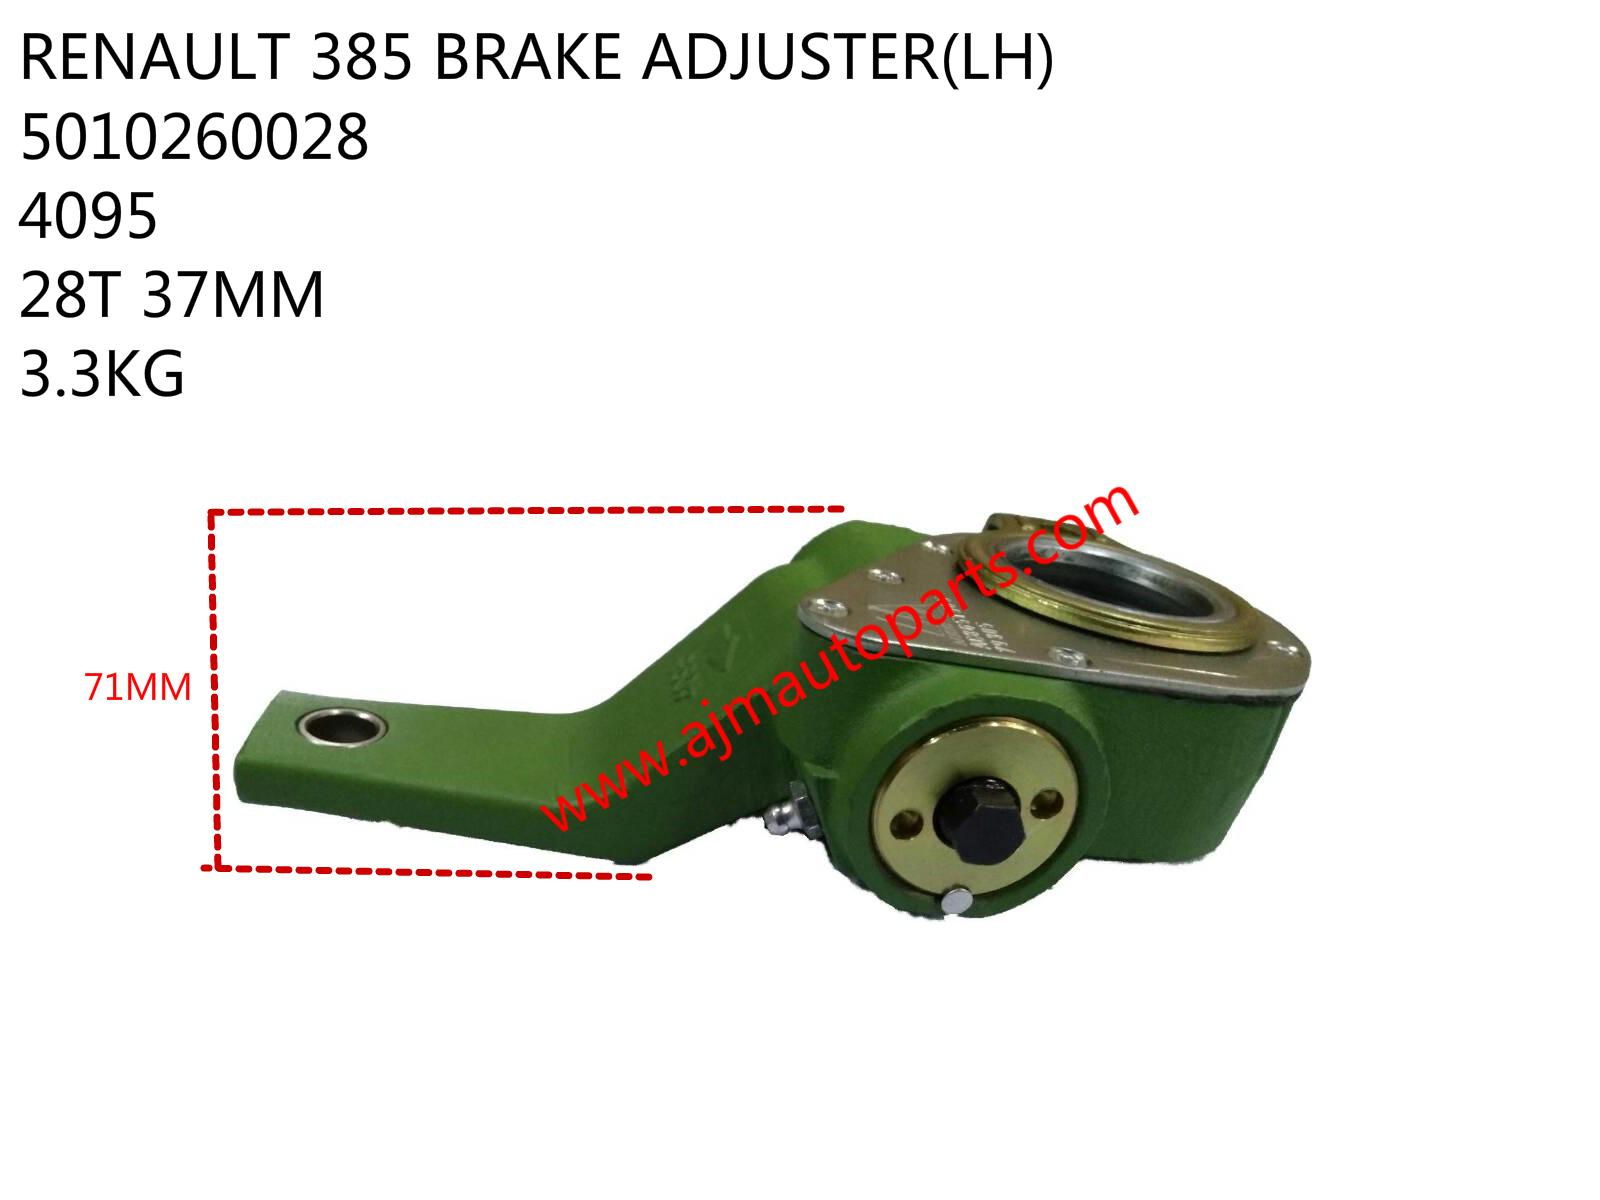 RENAULT-385-BRAKE-ADJUSTERLH-5010260028